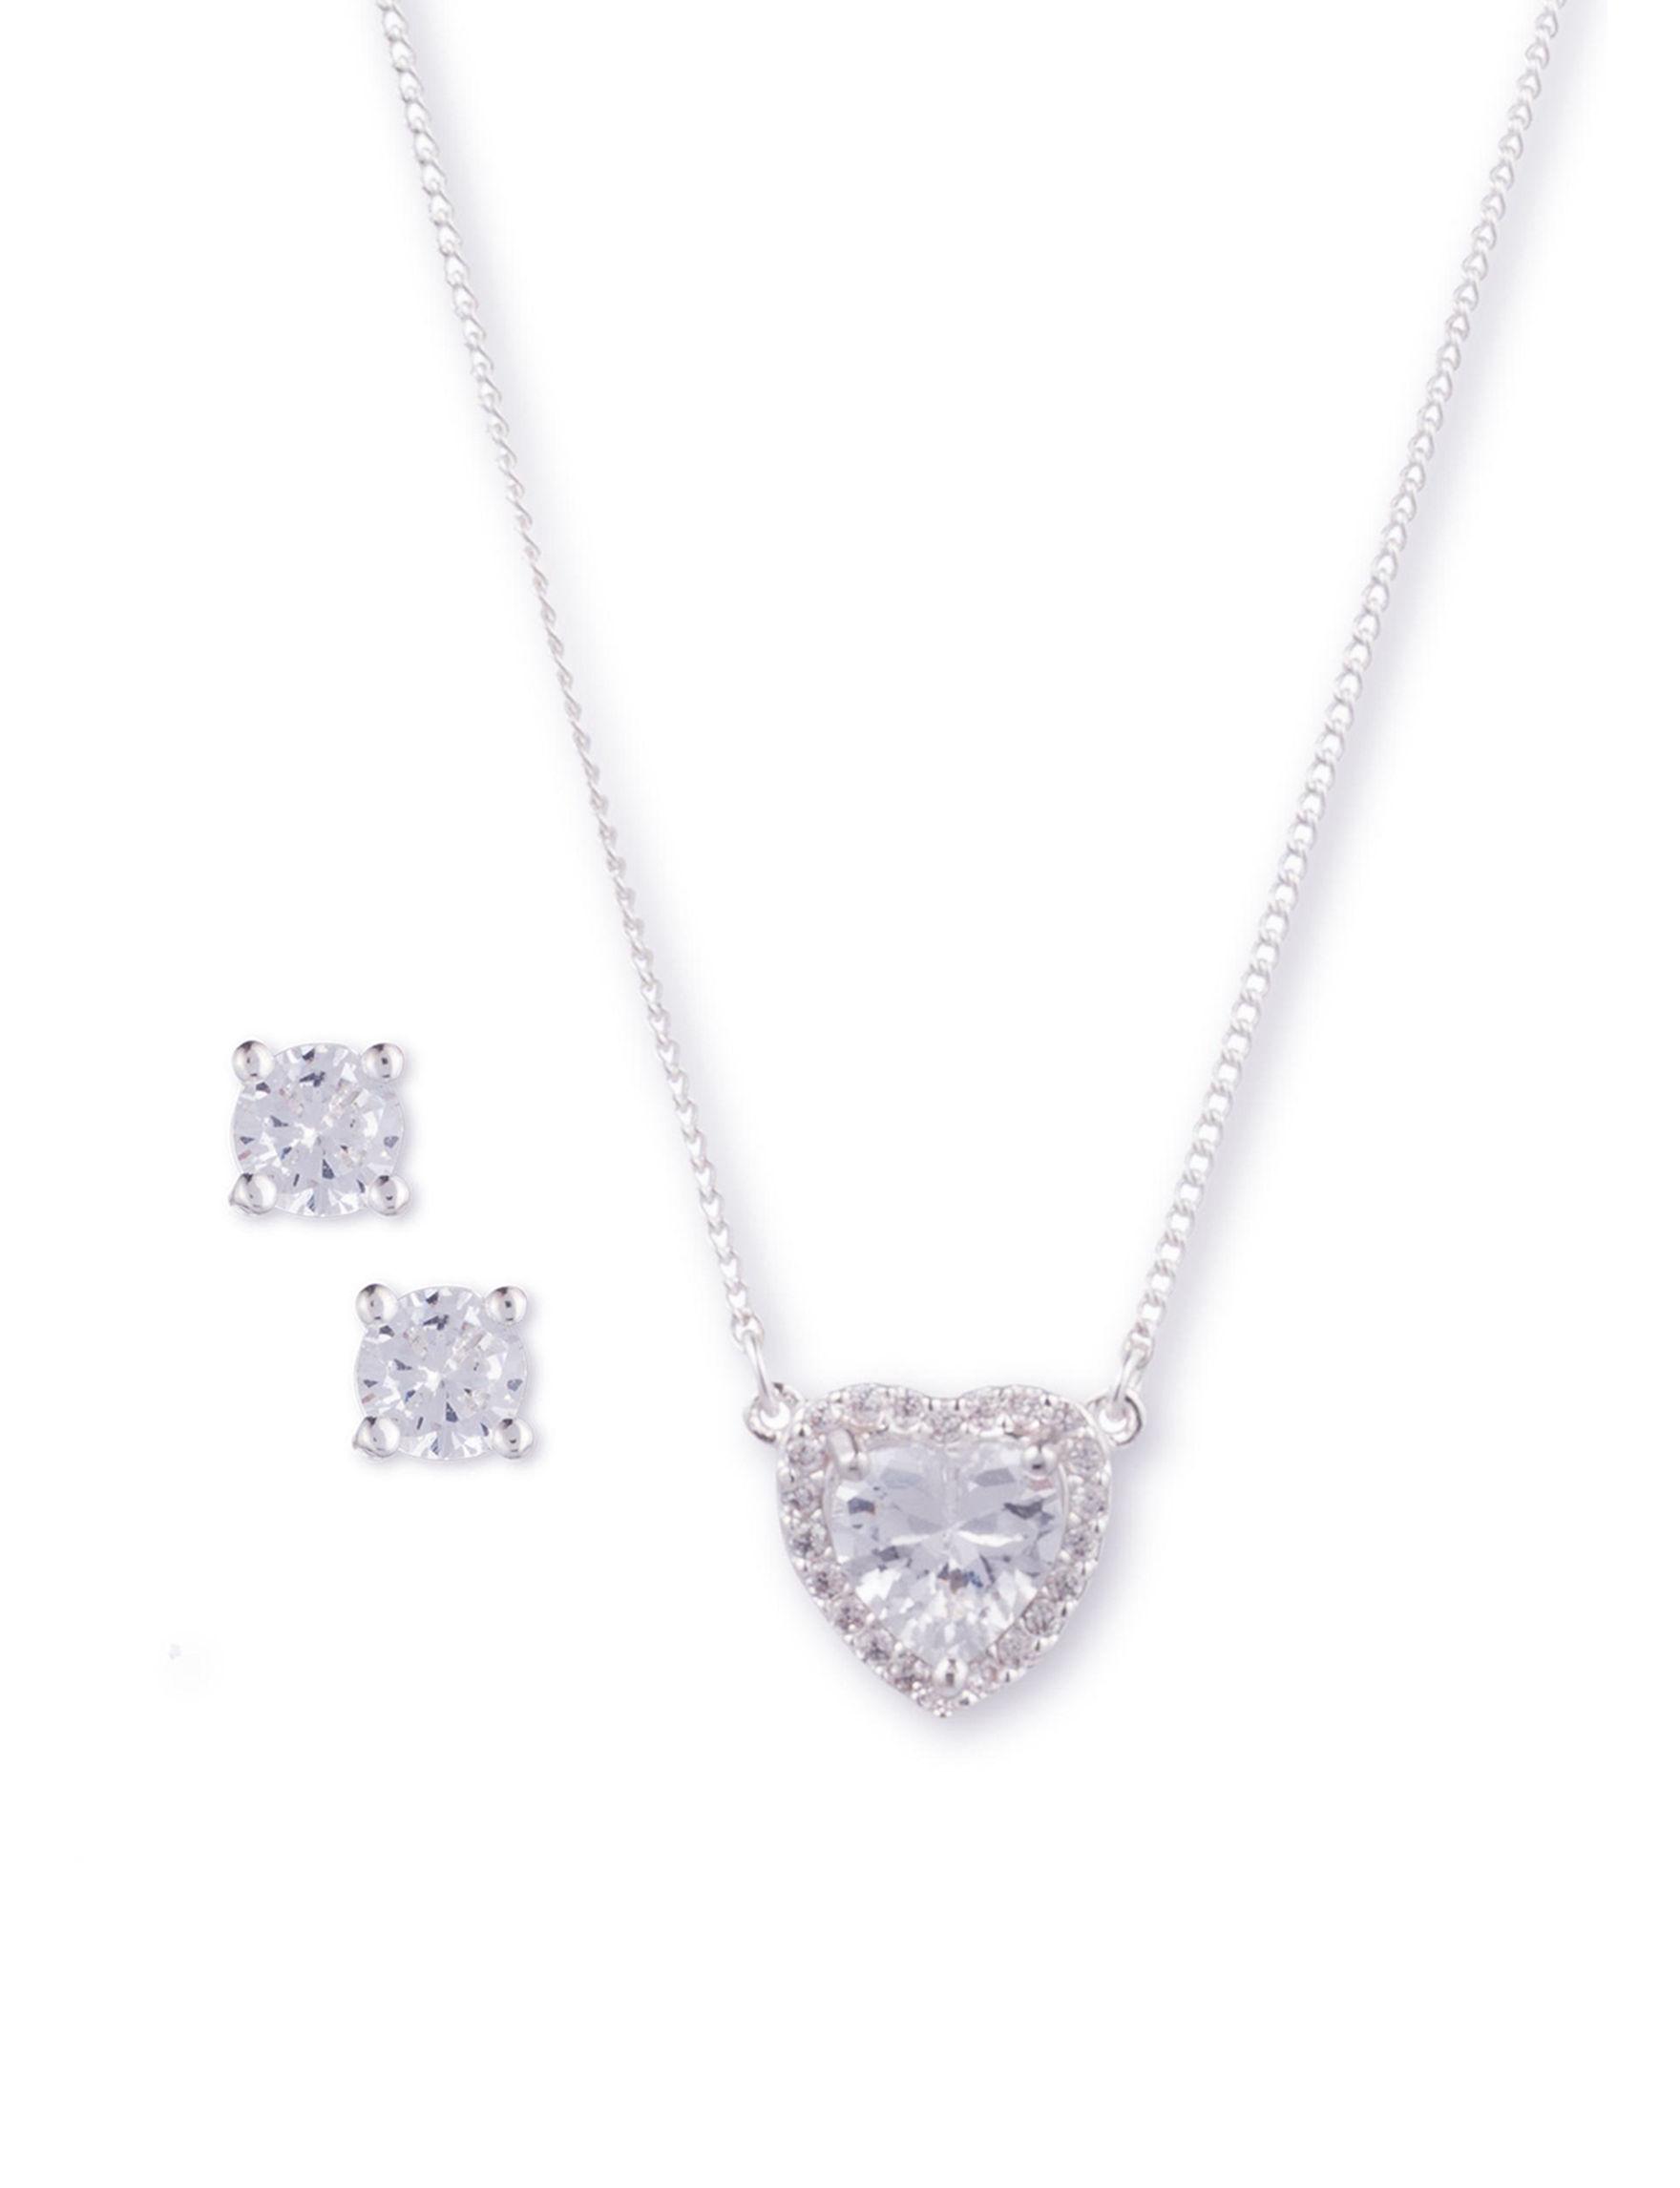 Nine West Silver / Crystal Jewelry Sets Fashion Jewelry